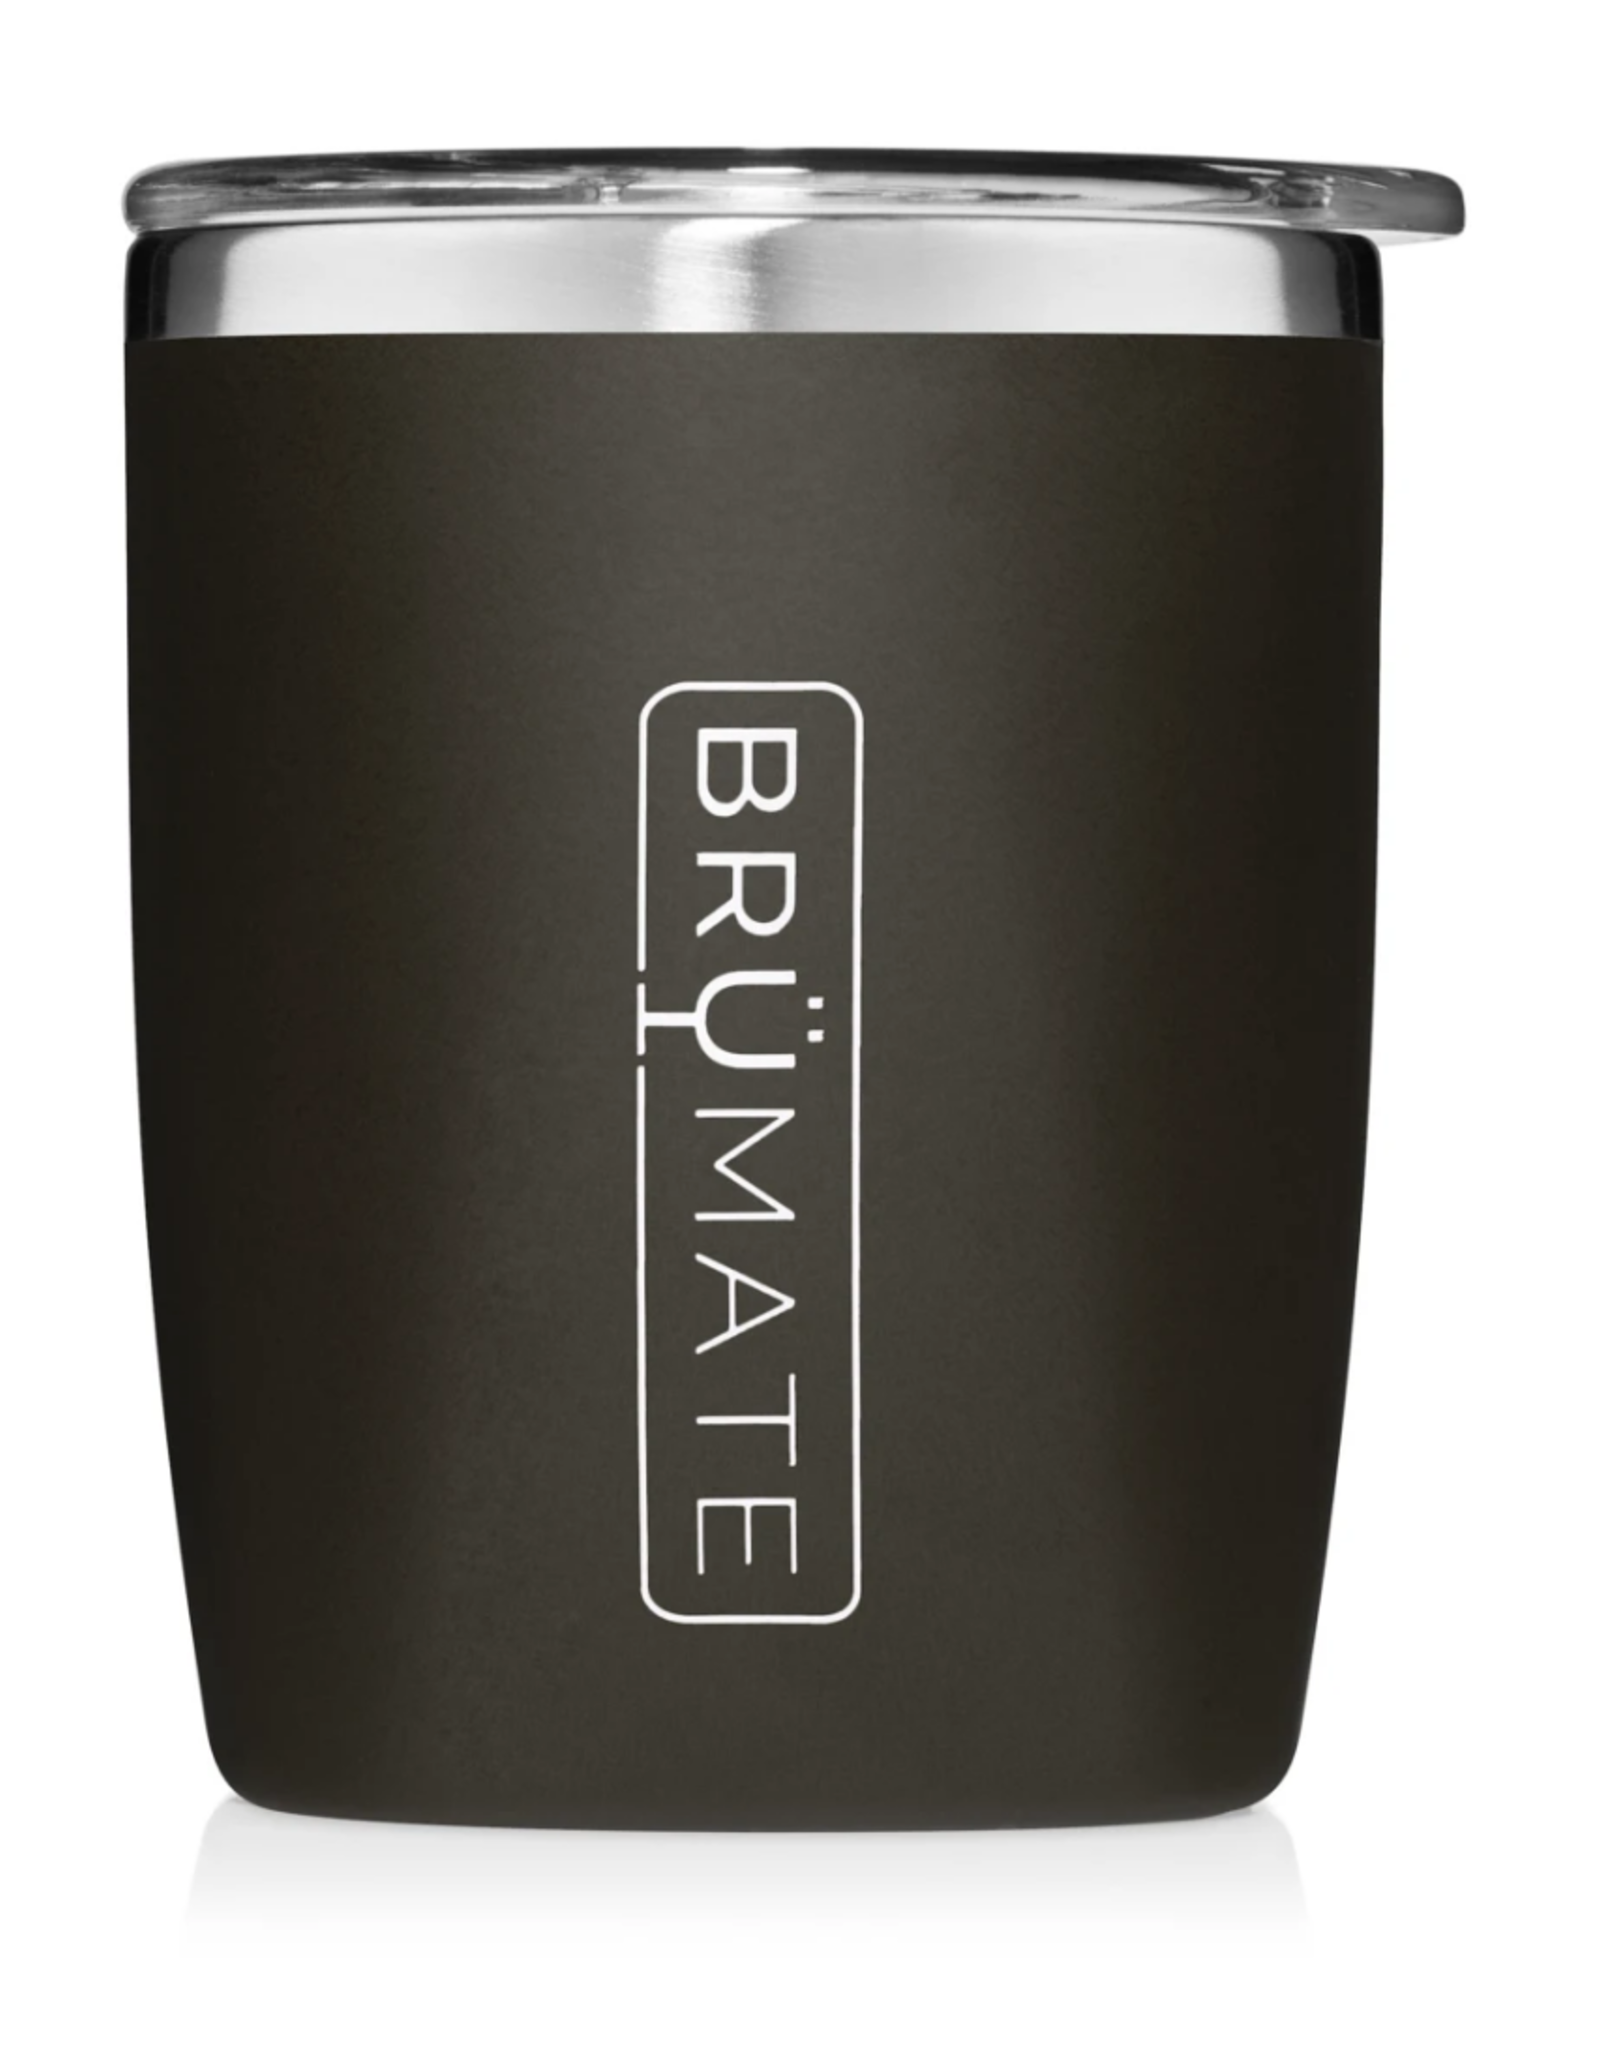 Brumate BruMate - Rocks Glass - Matte Black